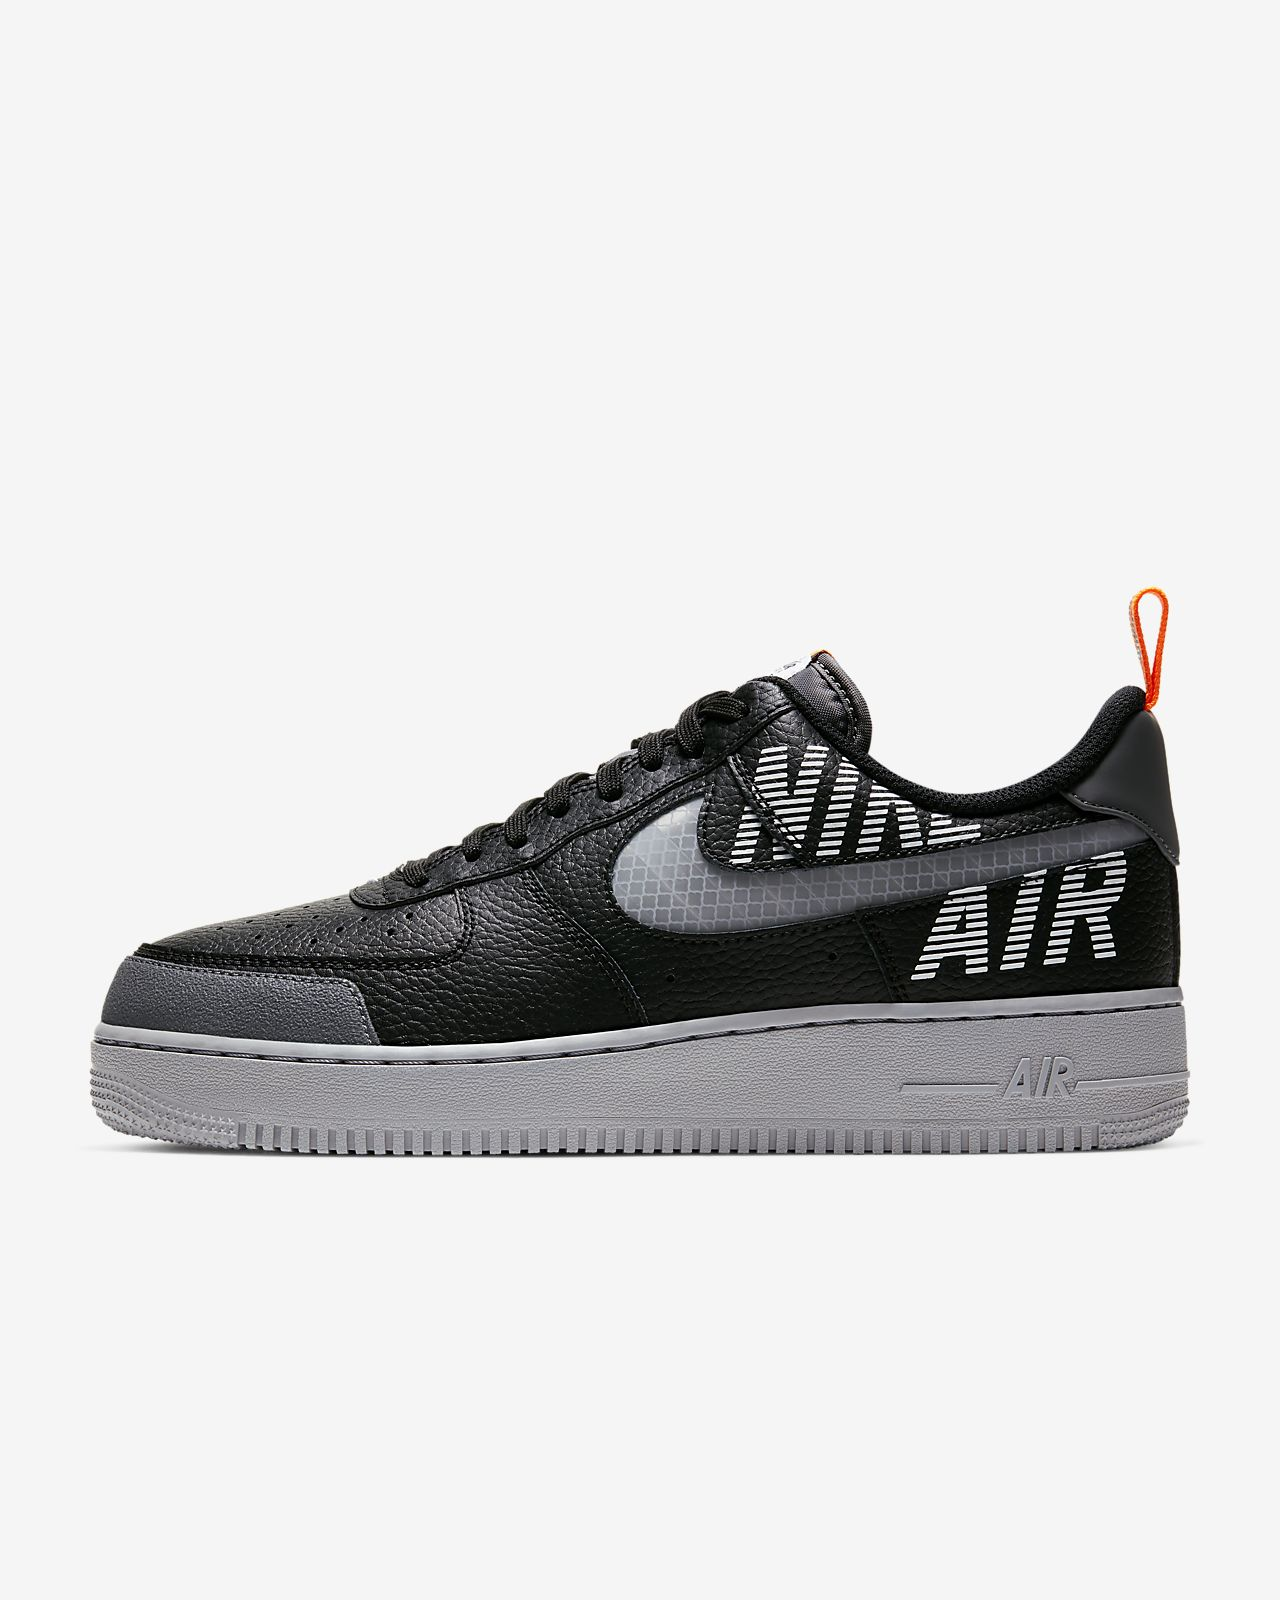 Nike Air Force 1 '07 LV8 férficipő